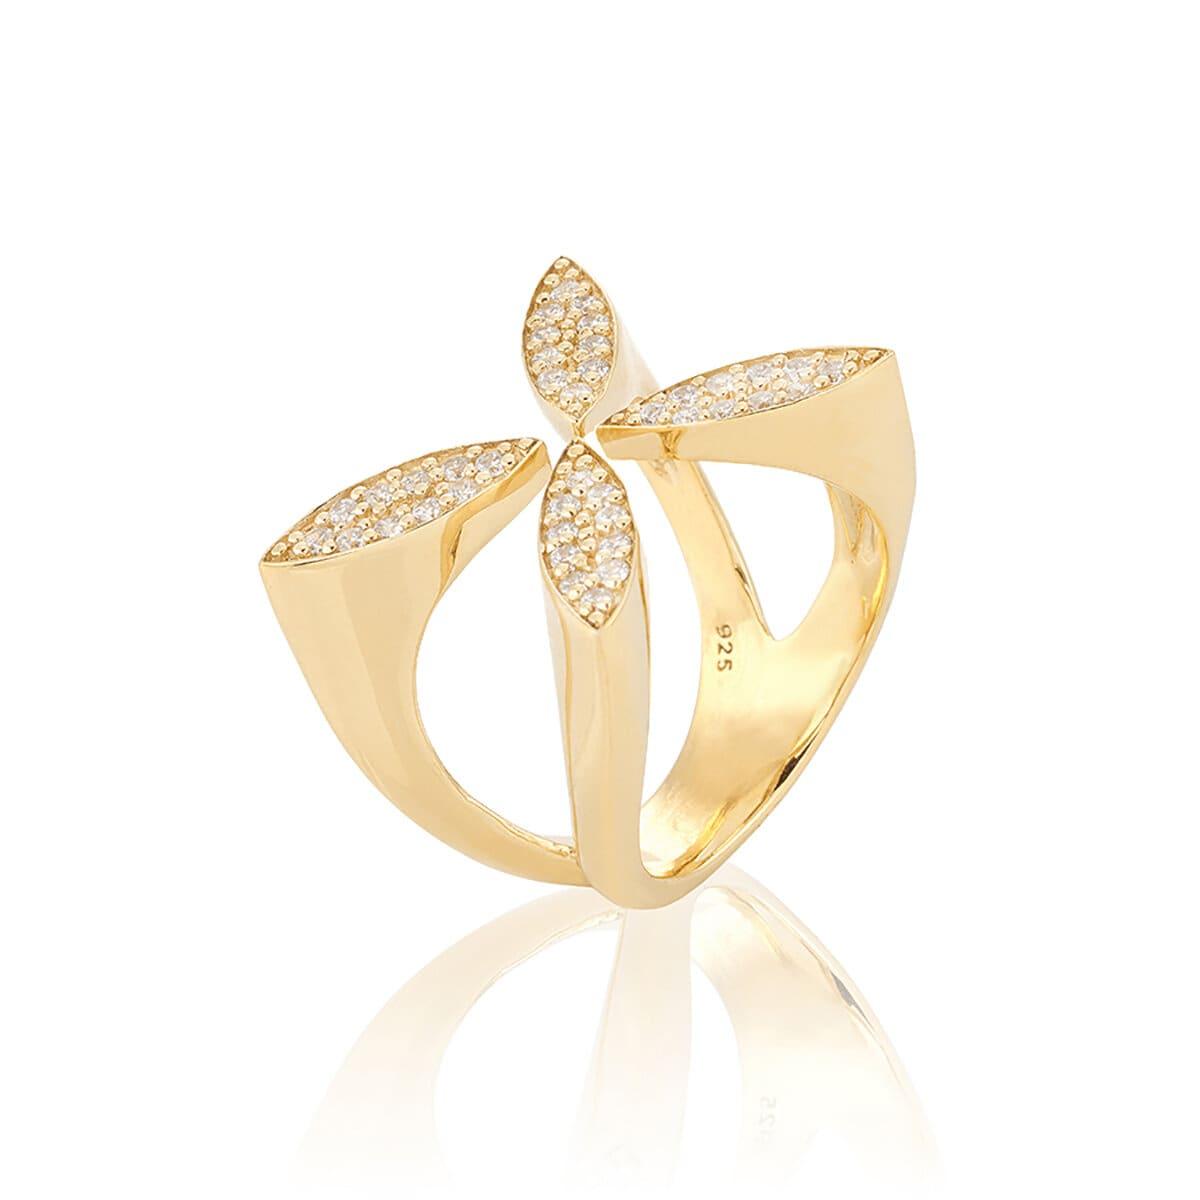 Sparkling Ellipse Ring